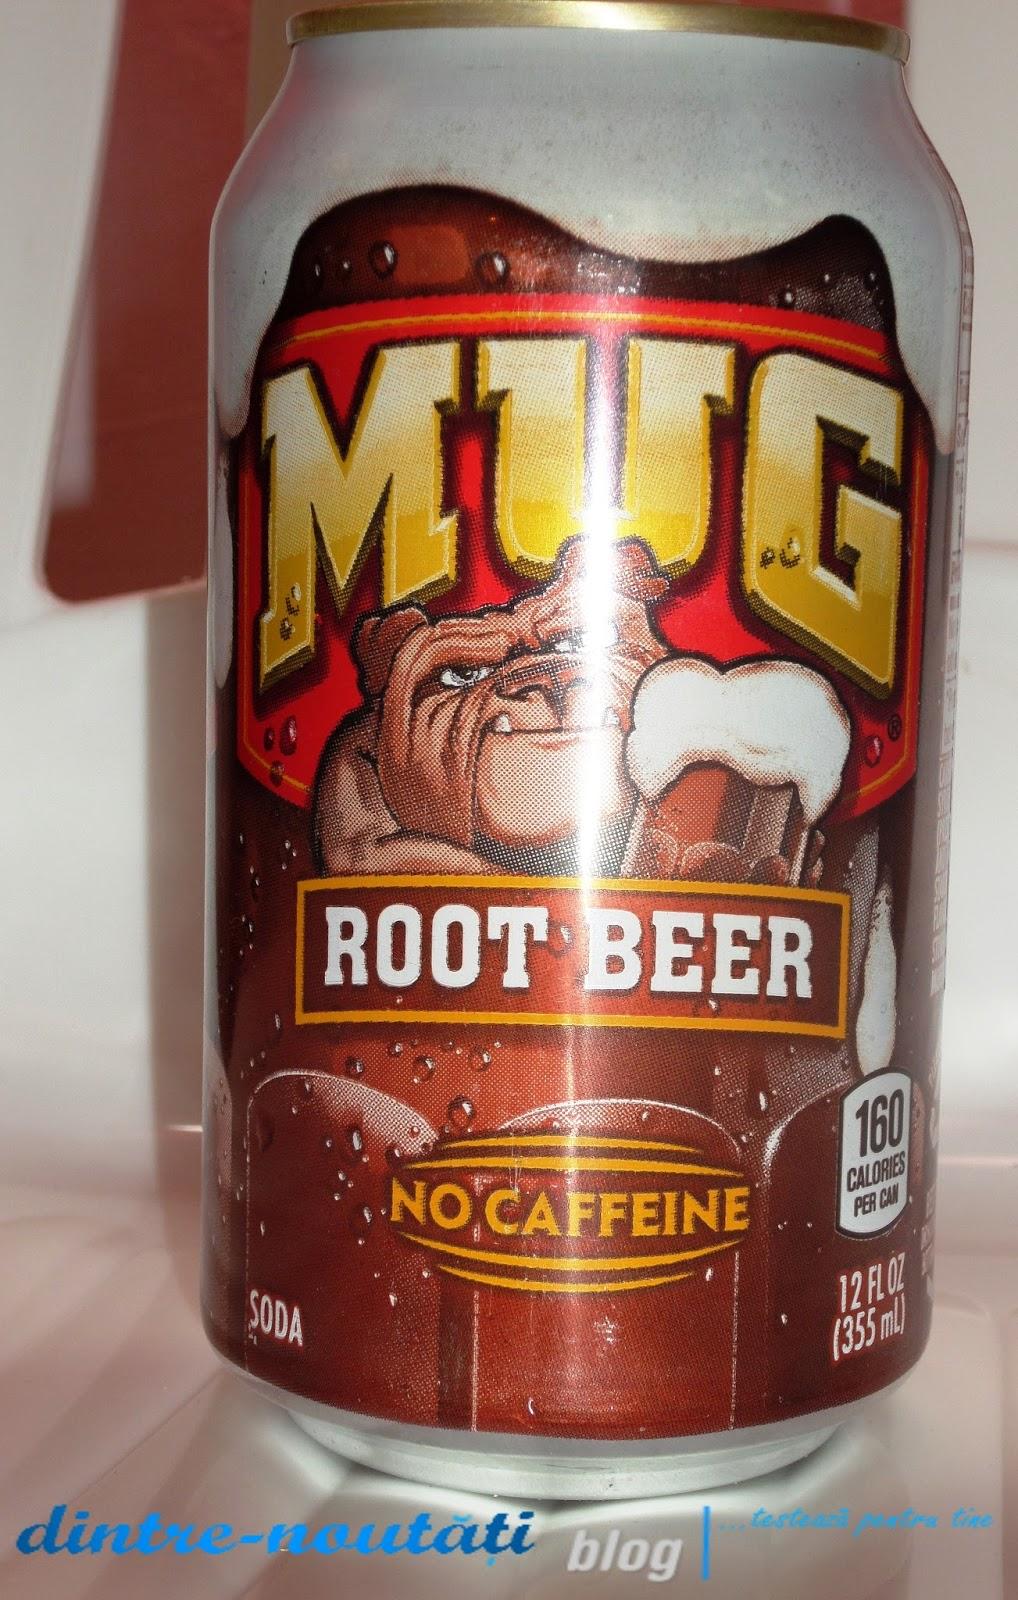 bere din rădăcini, Băutură răcoritoare carbogazoasă fără cafeină din SUA în România